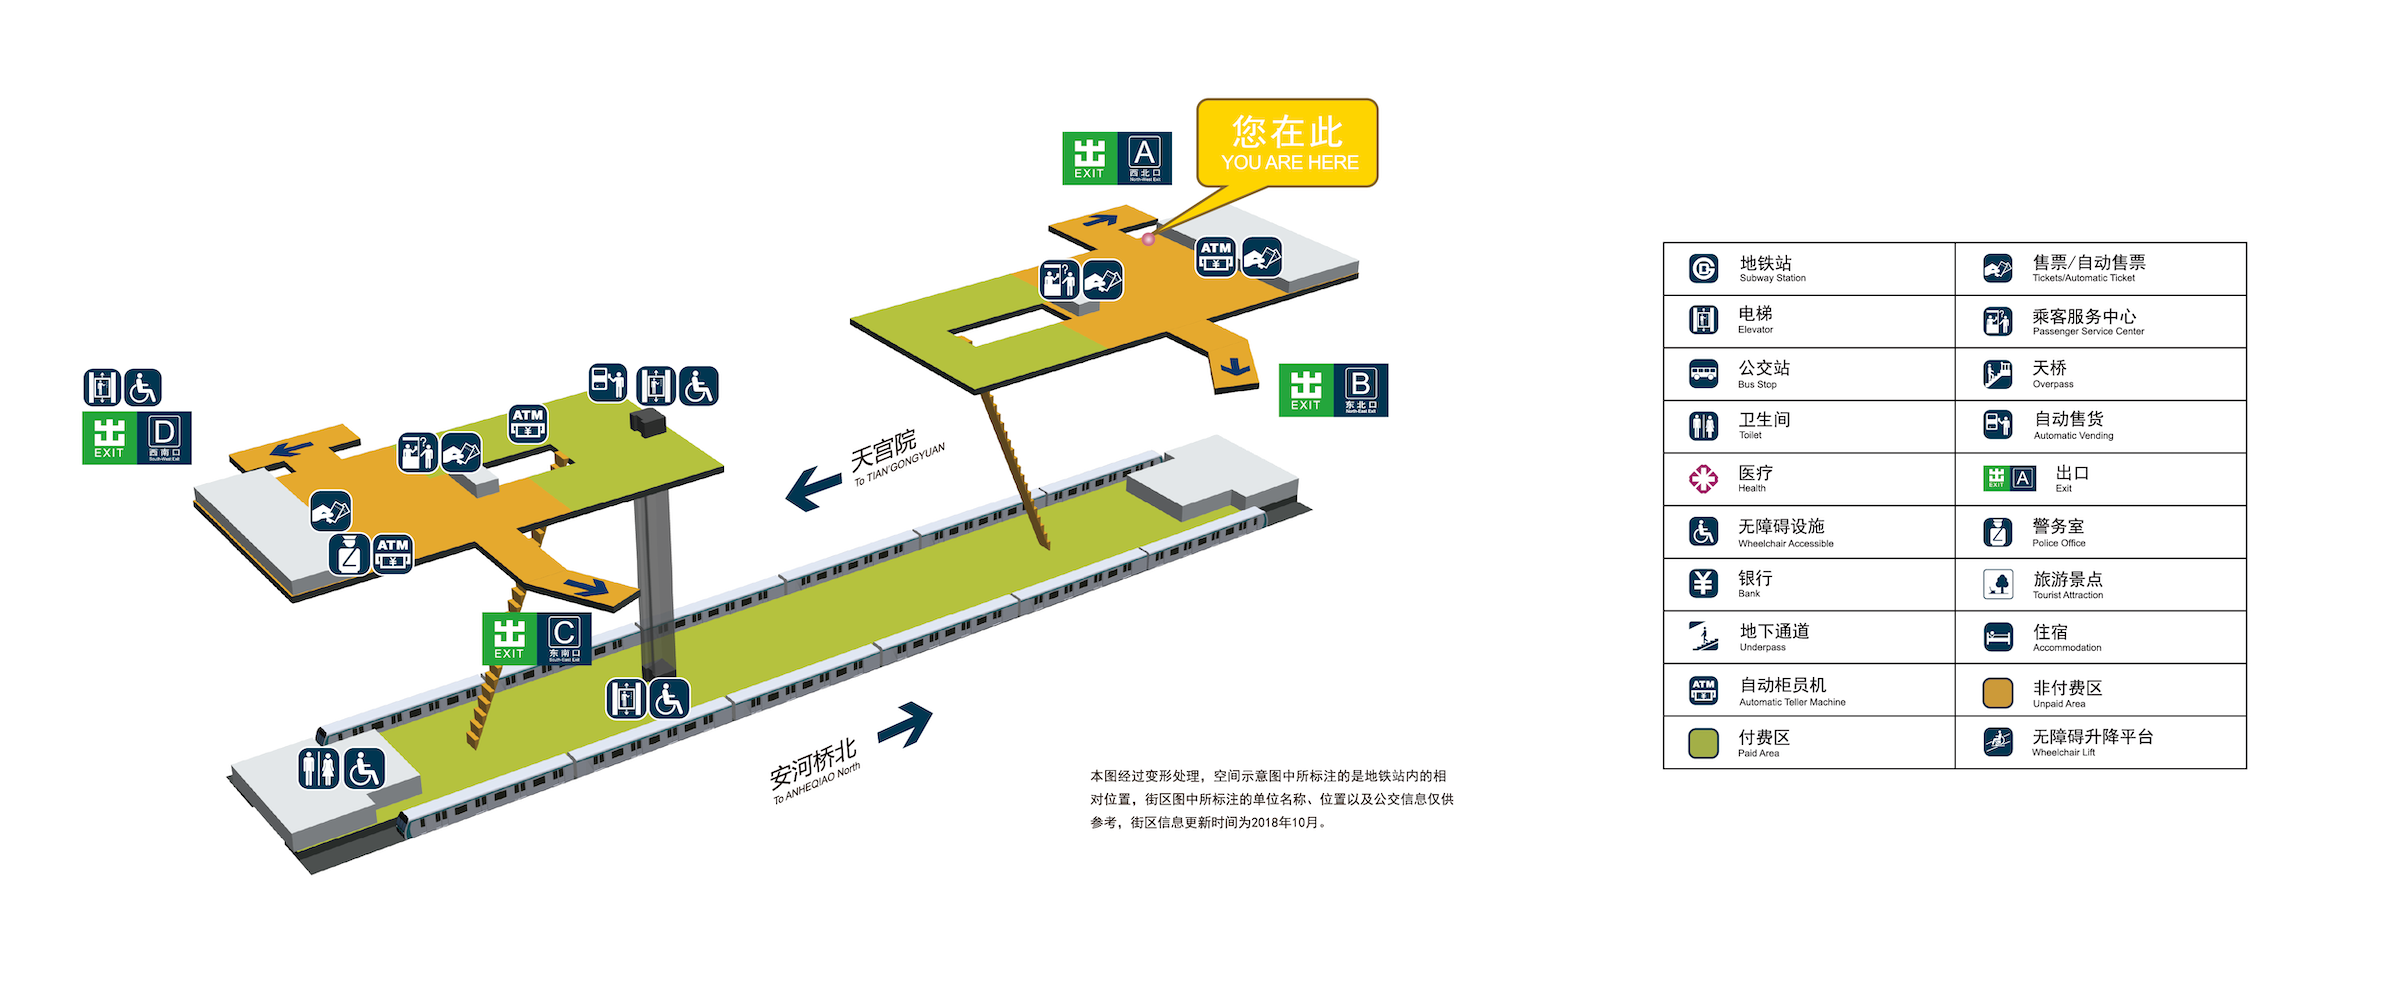 北京大学东门站立体图